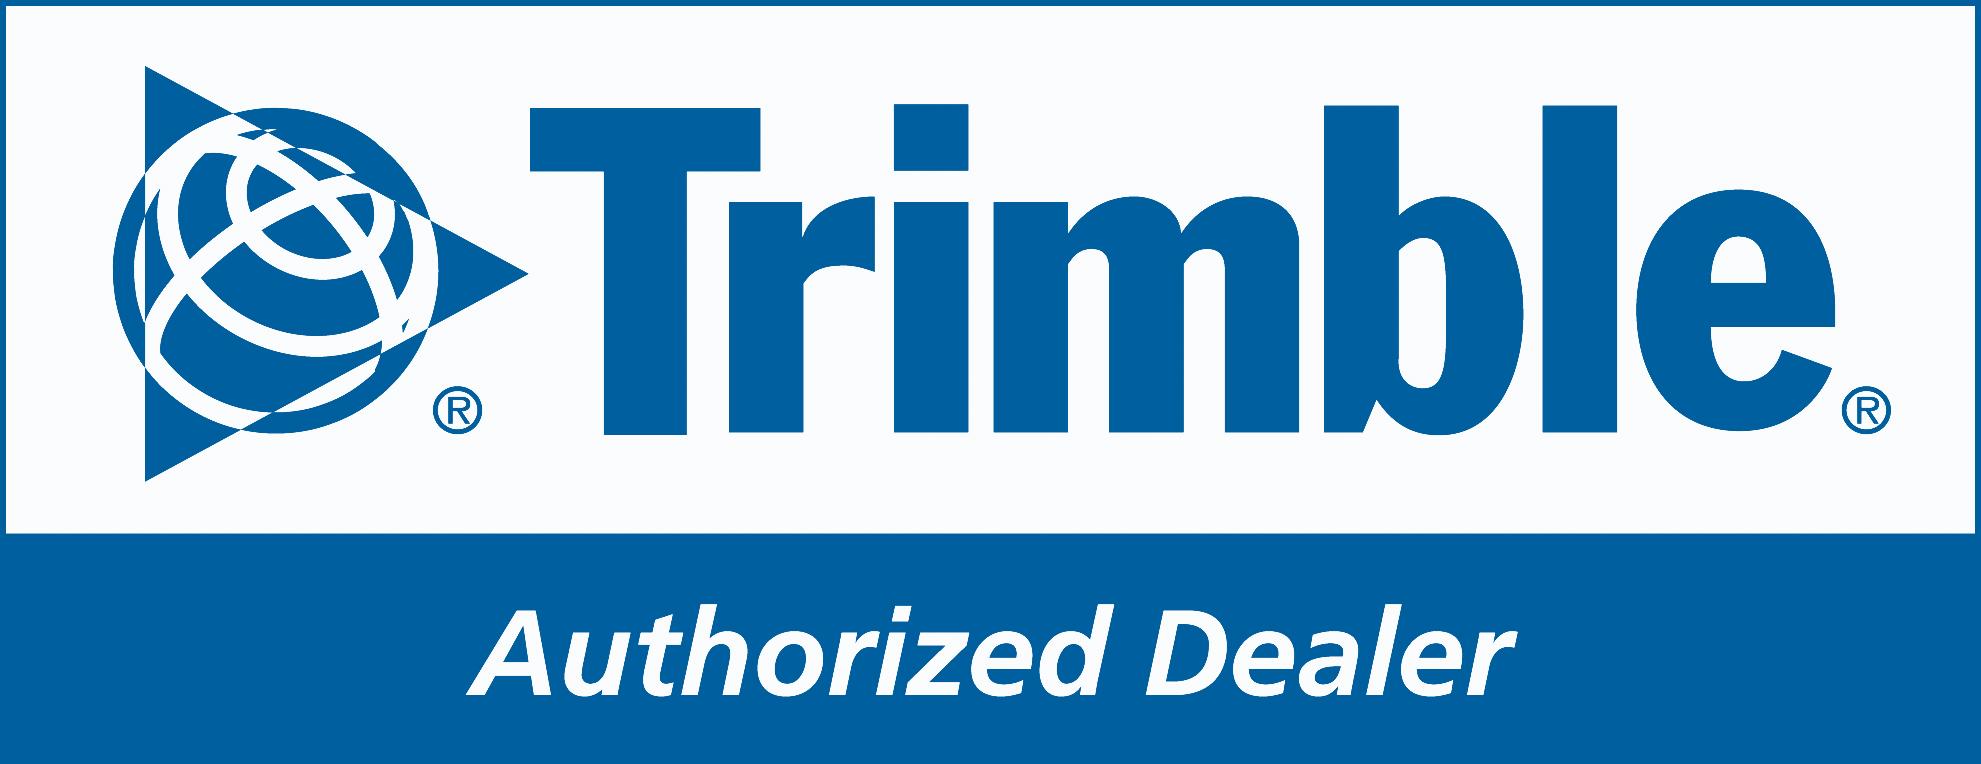 Trimble Authorized Dealer US English_blue_logo_RGB